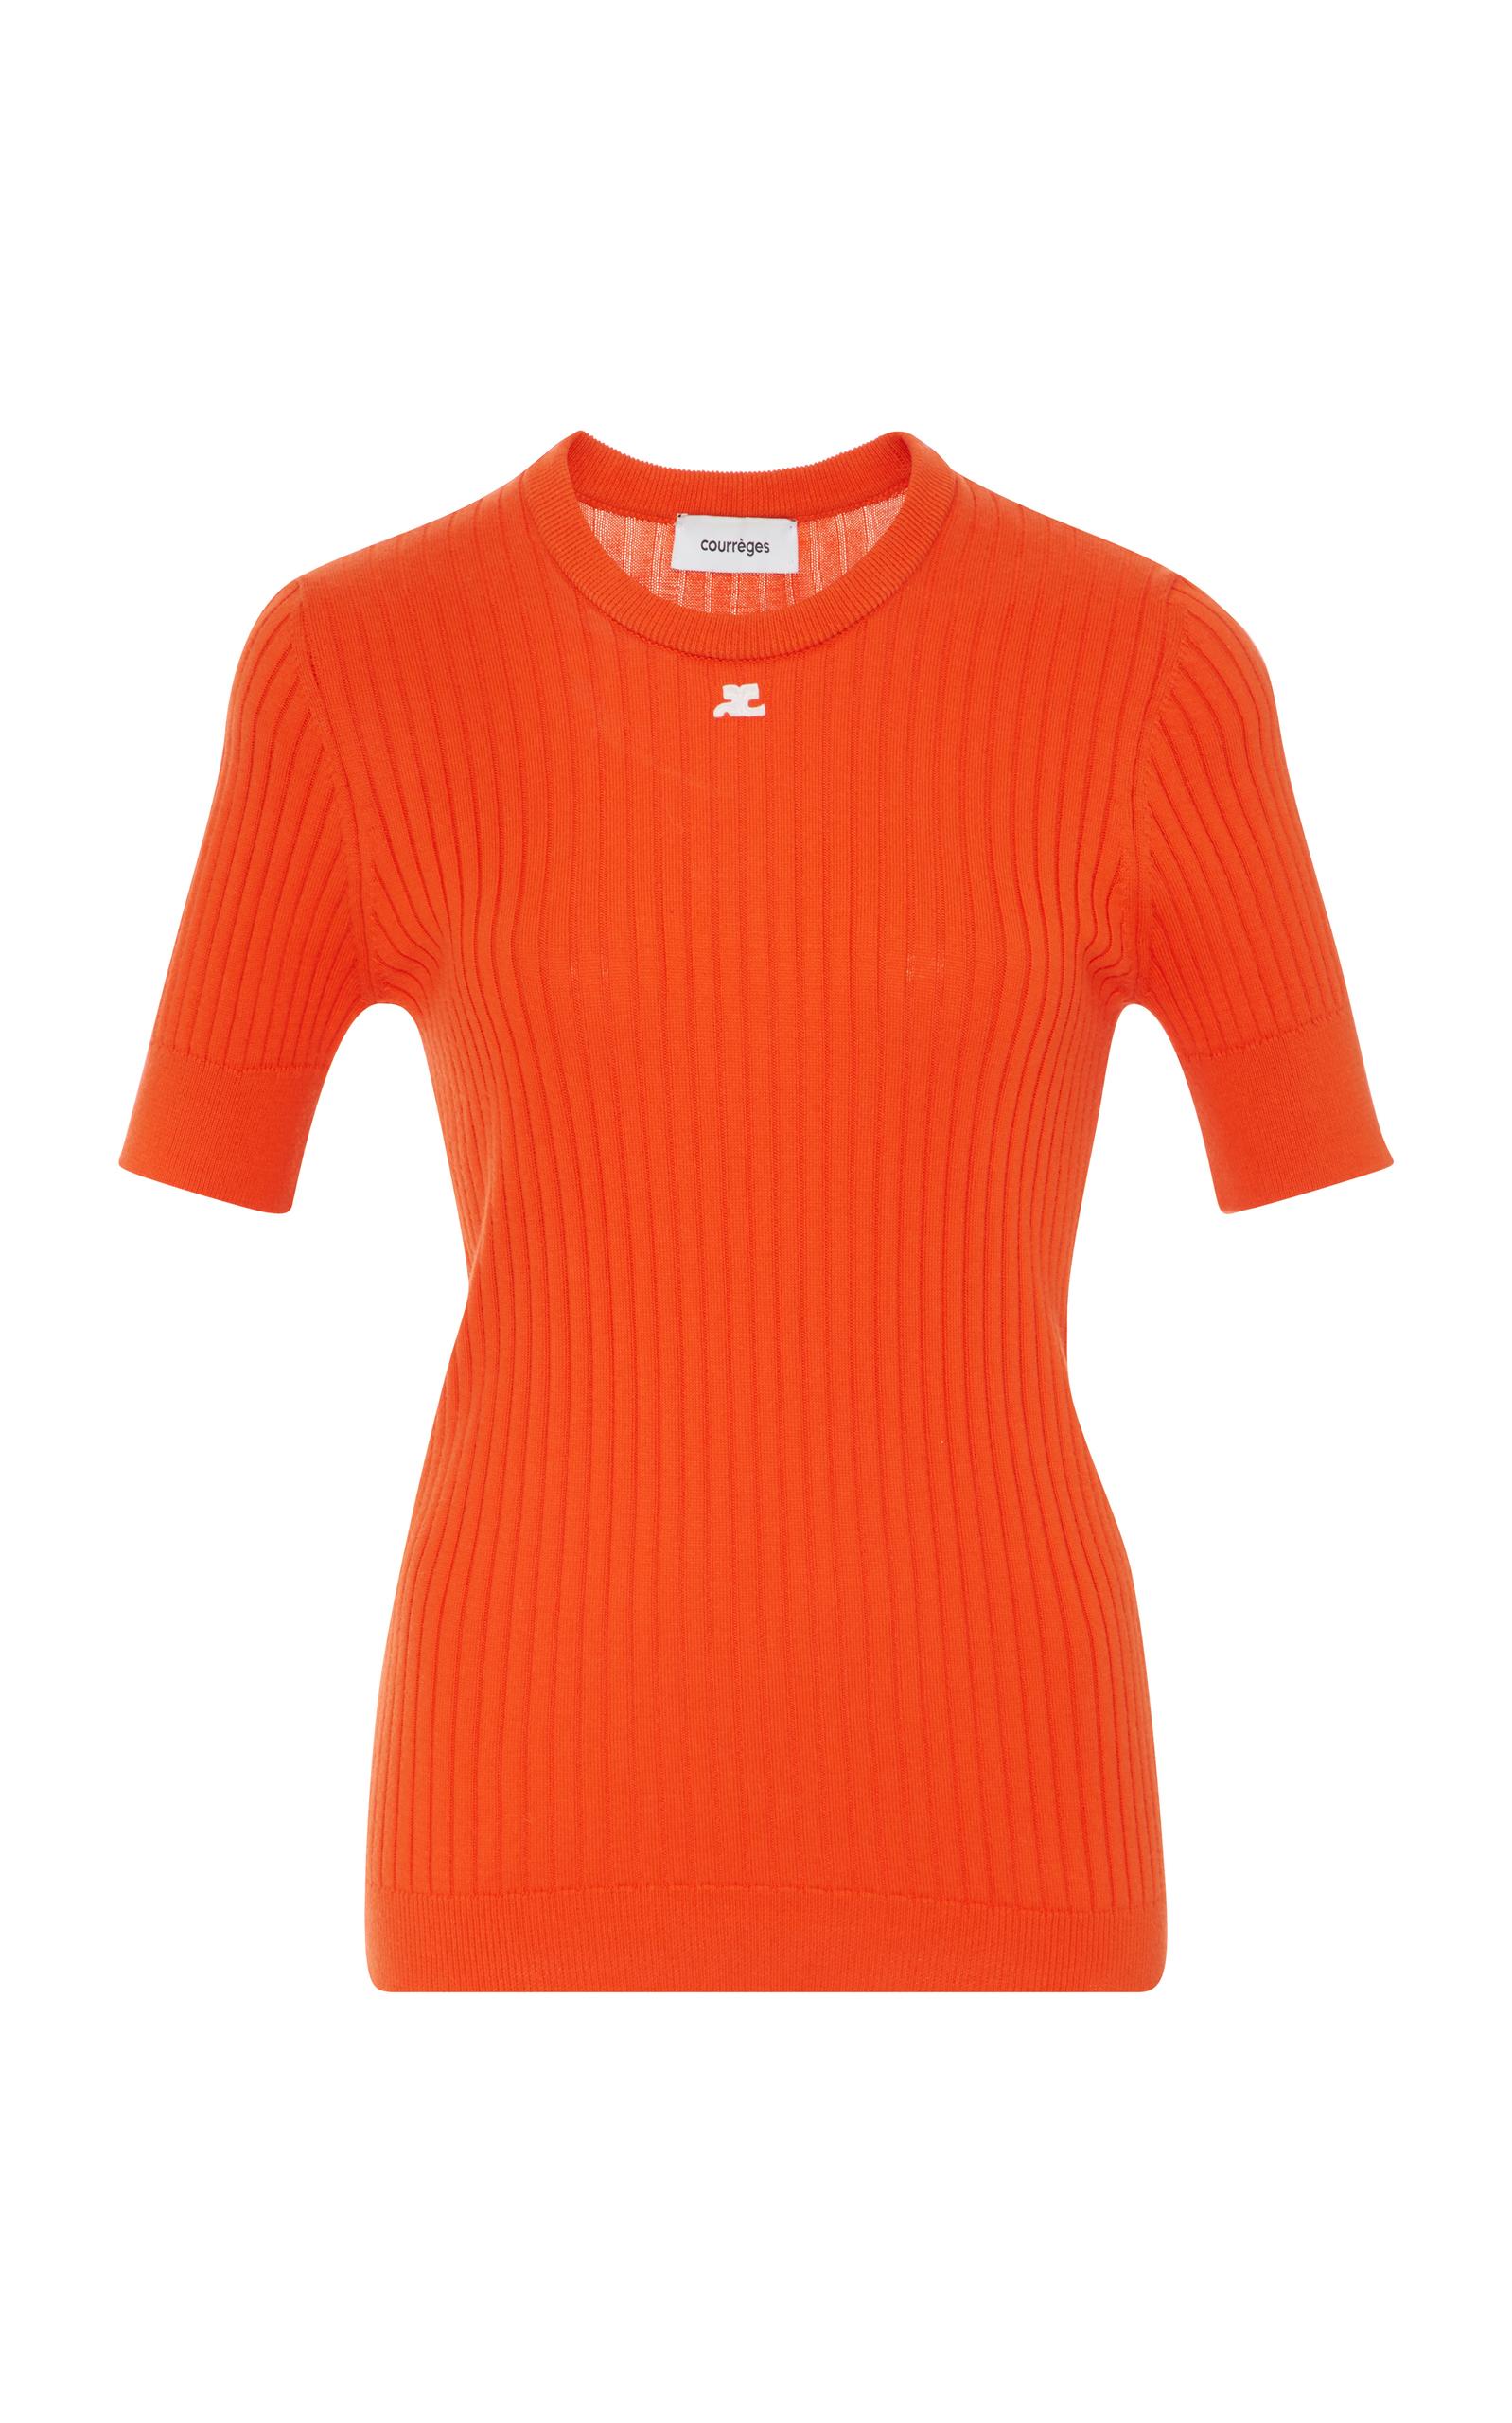 COURRÈGES Slim Cotton & Cashmere Knit Top in Orange